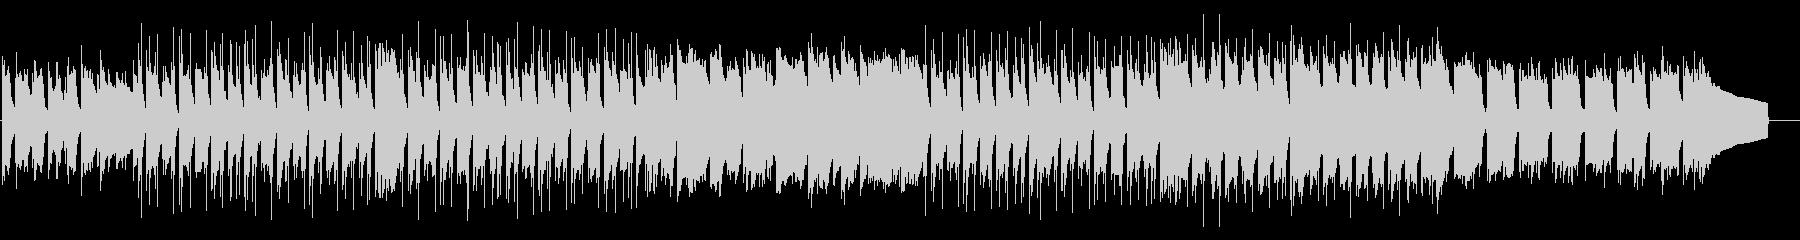 【リズム抜】木琴と口笛のほのぼのポップスの未再生の波形